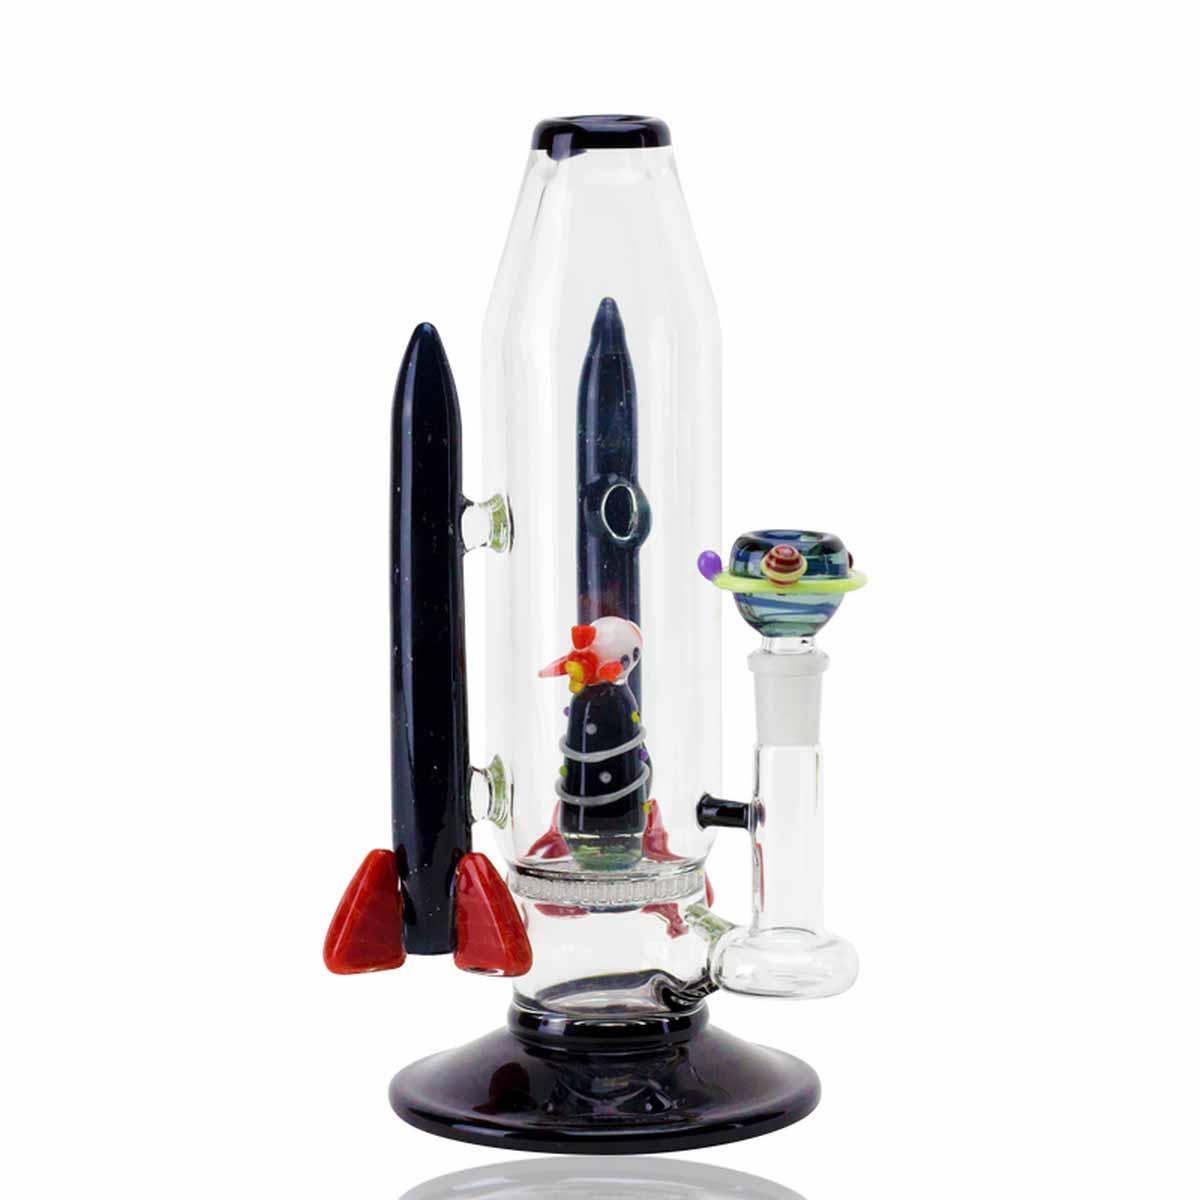 Flagship Water Pipe - Galactic Kit